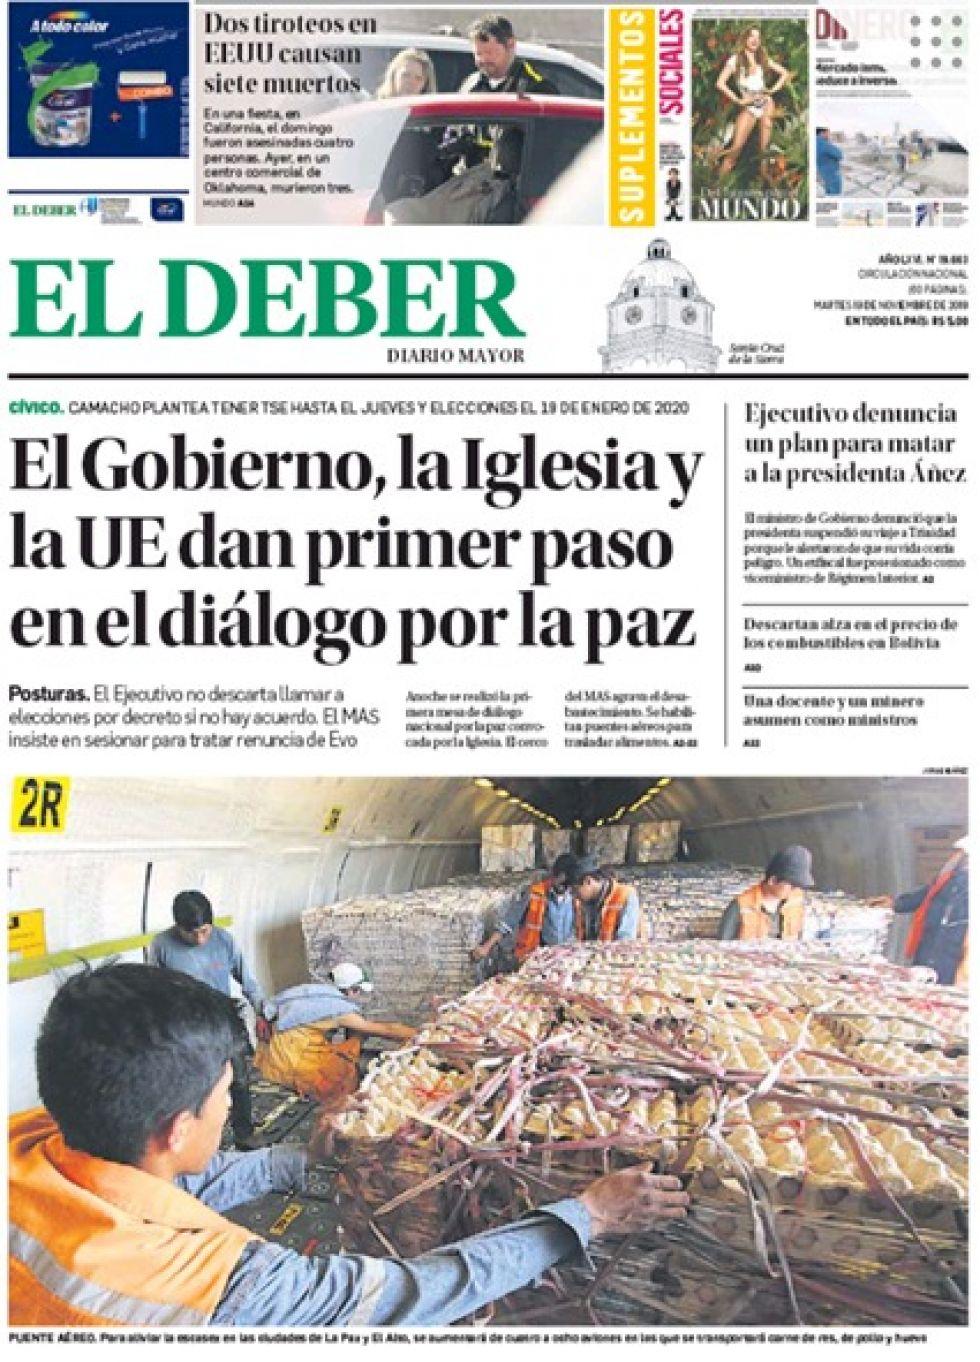 El Deber, Santa Cruz.